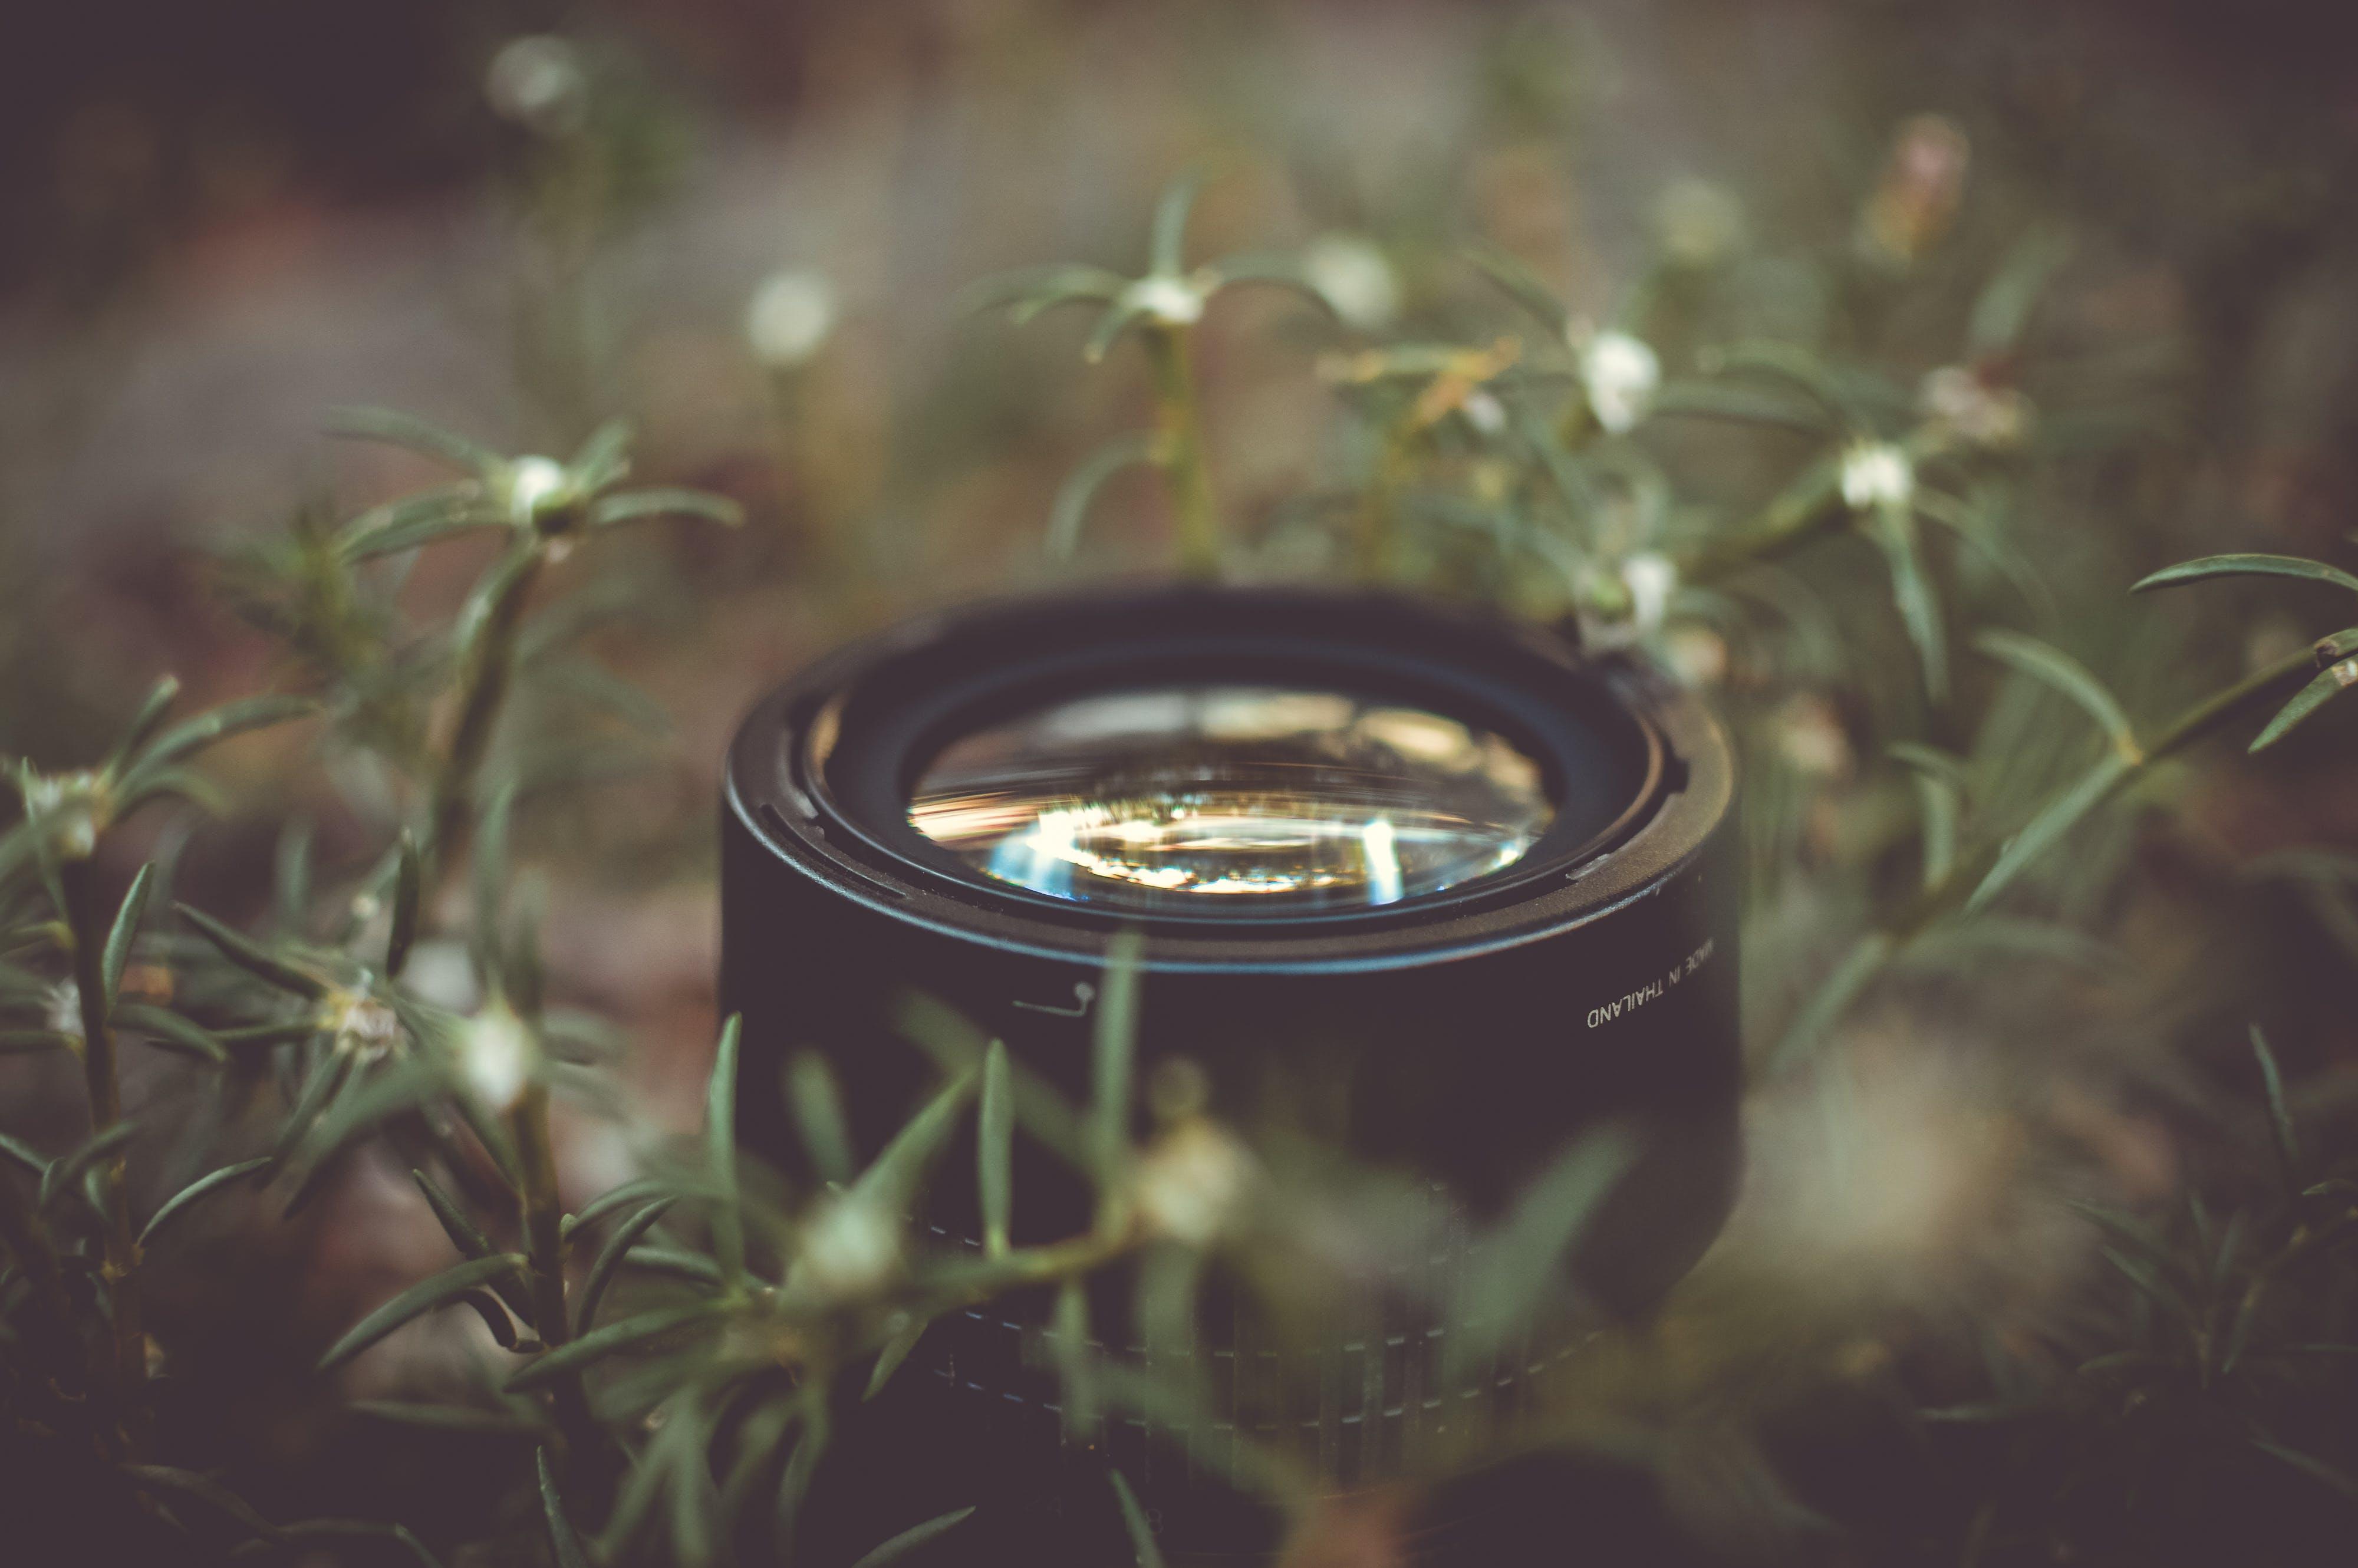 Foto profissional grátis de câmera, equipamento fotográfico, lente, lentes da câmera